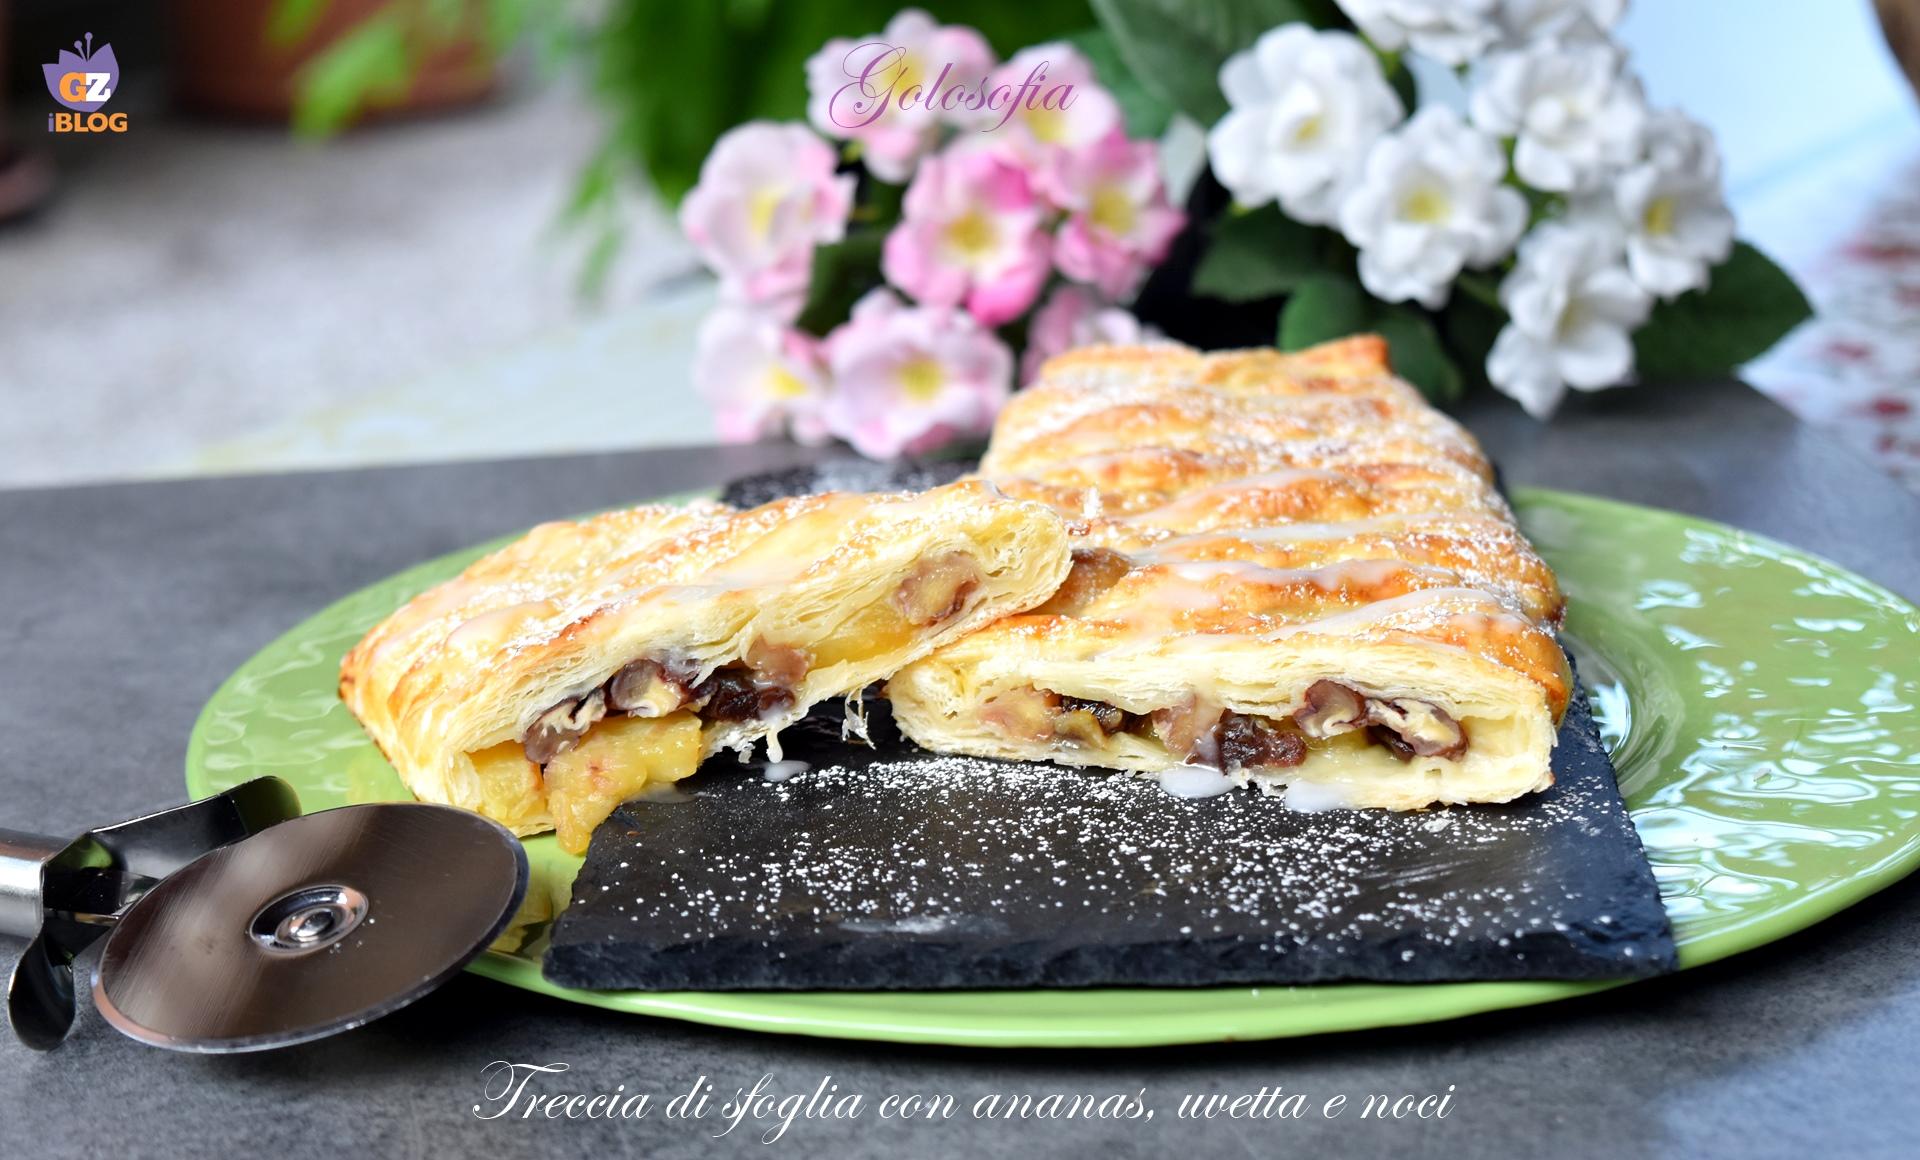 Treccia di sfoglia con ananas, uvetta e noci-ricetta dolci-golosofia